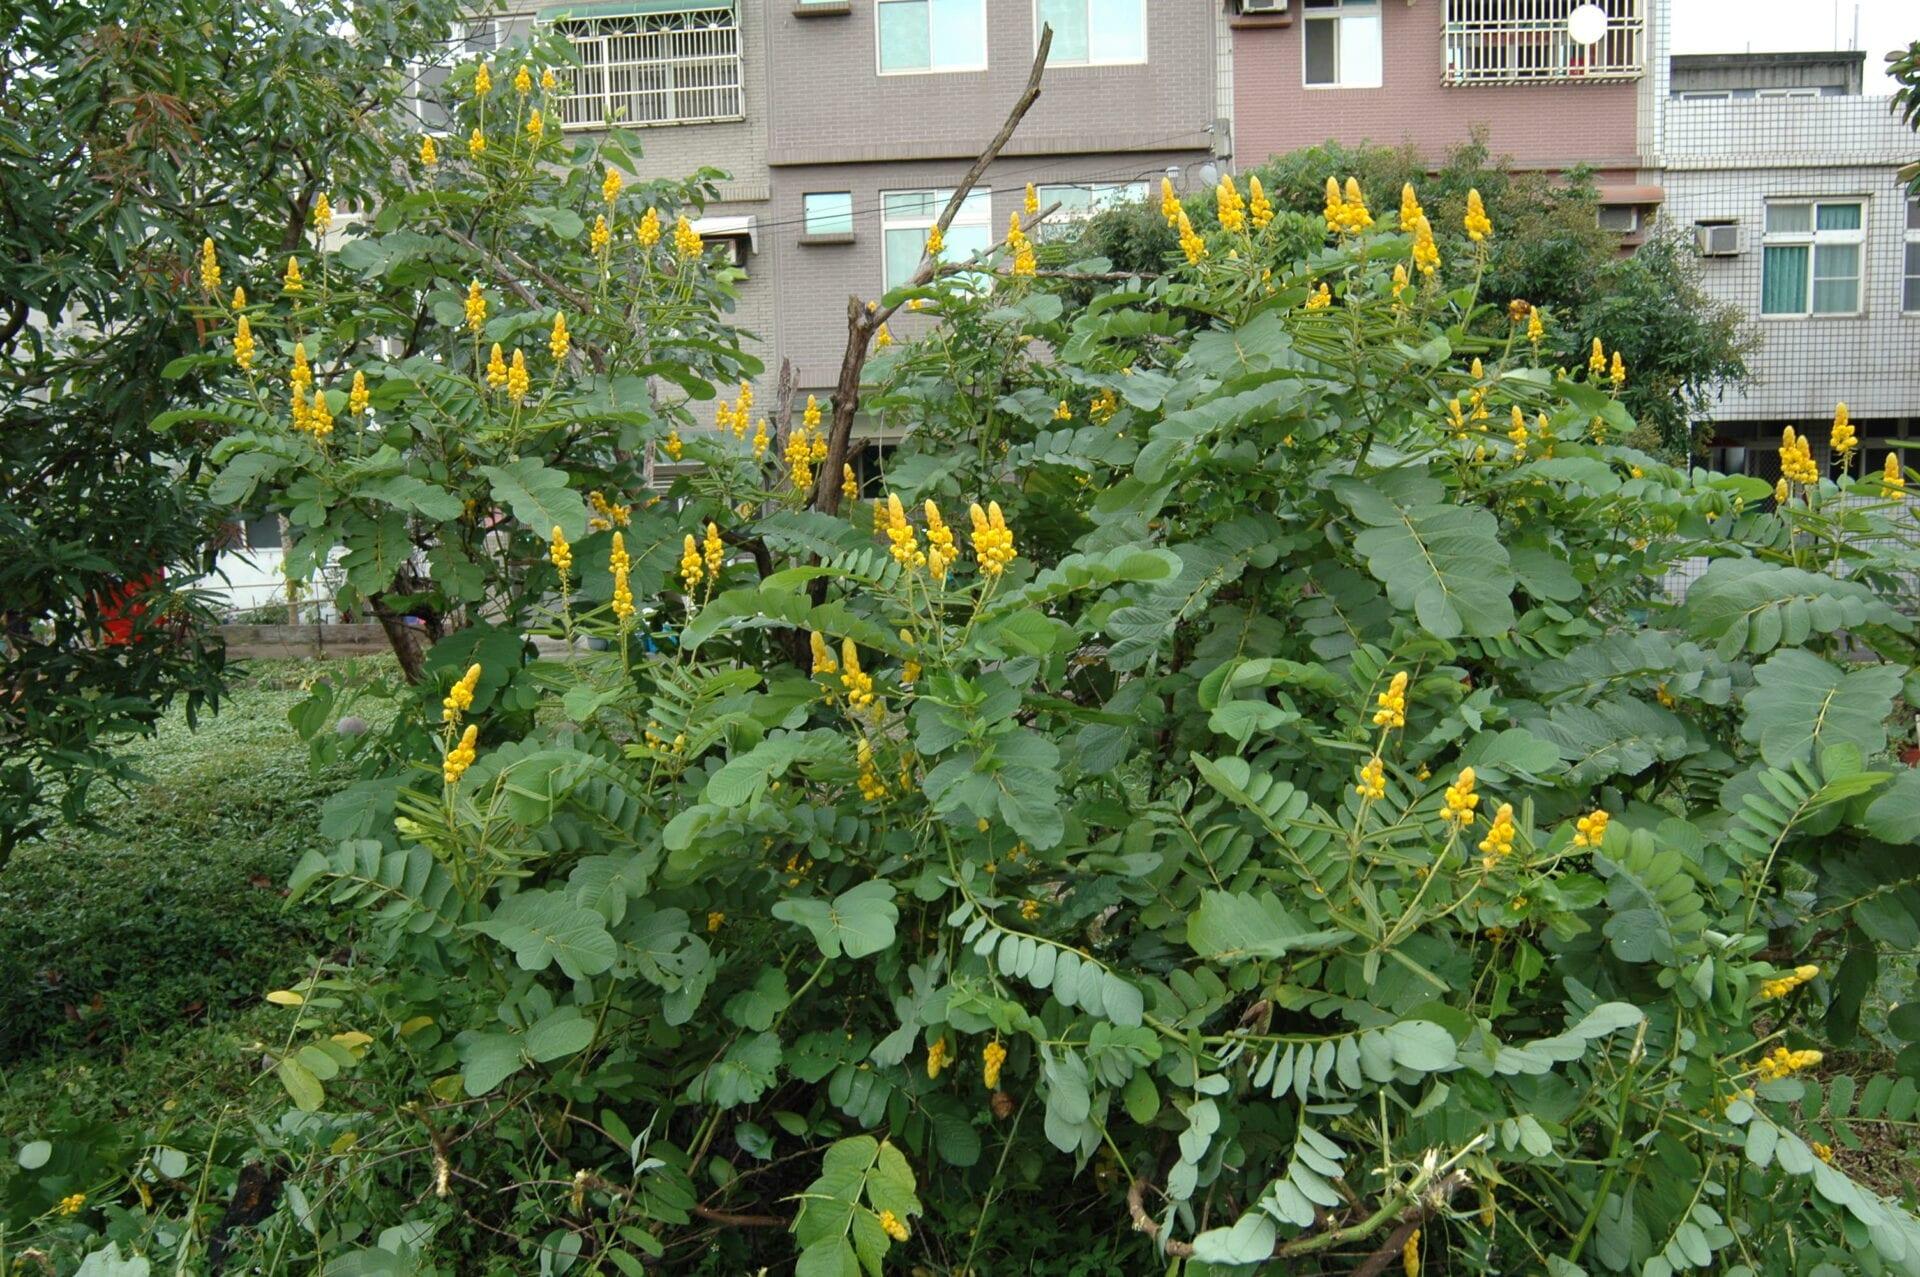 Senna Alata bush medicine belize